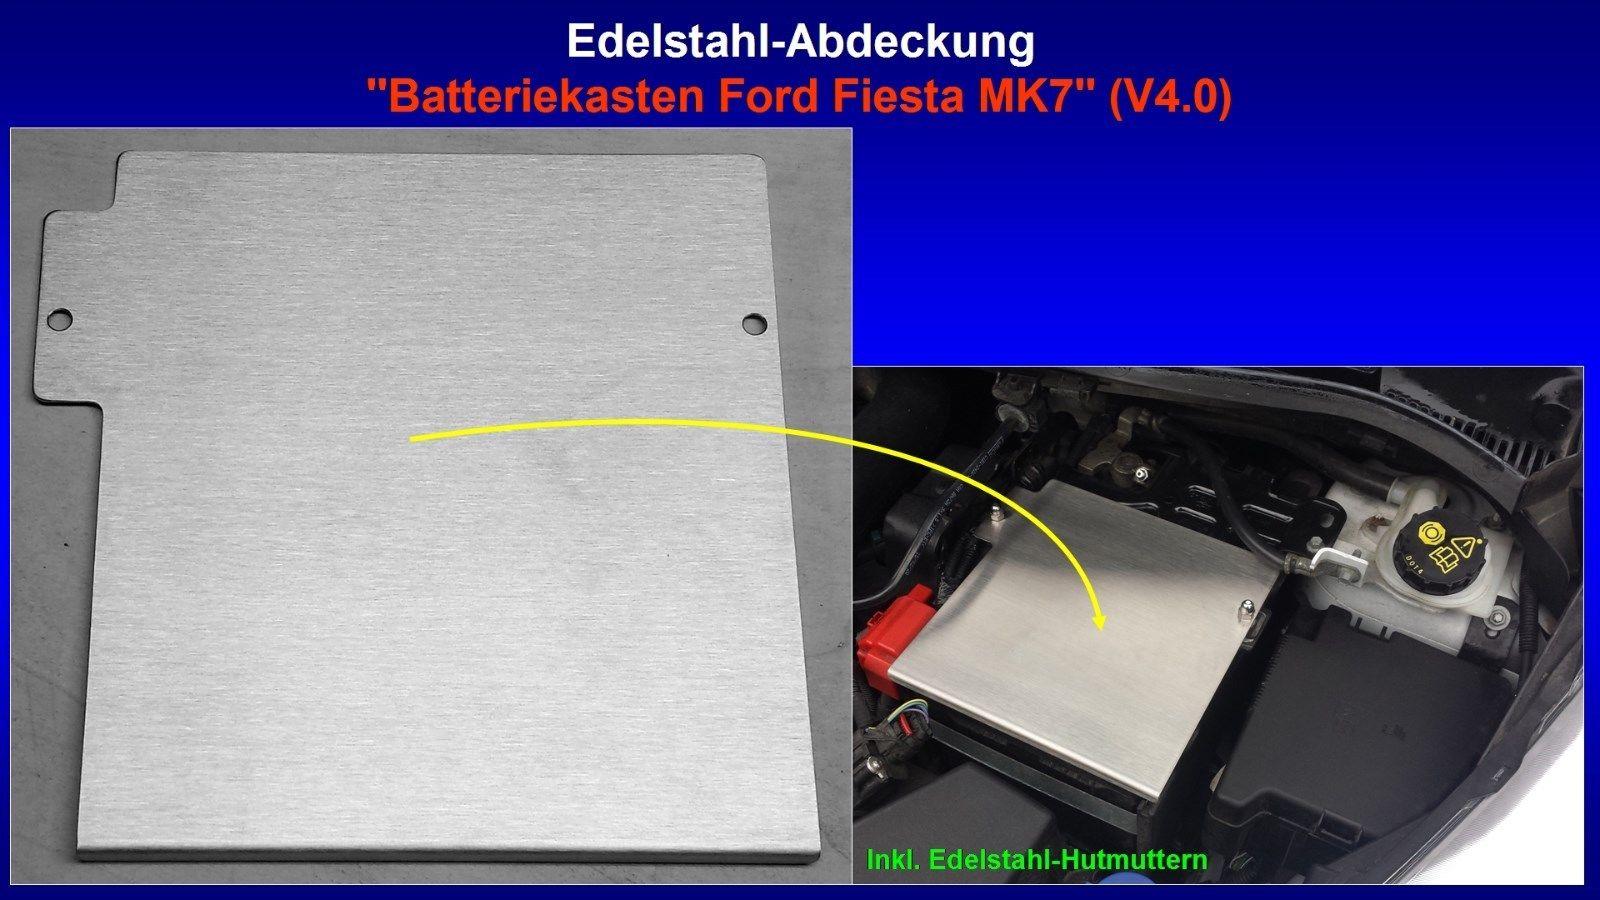 Batt ST EcoBoost.jpg